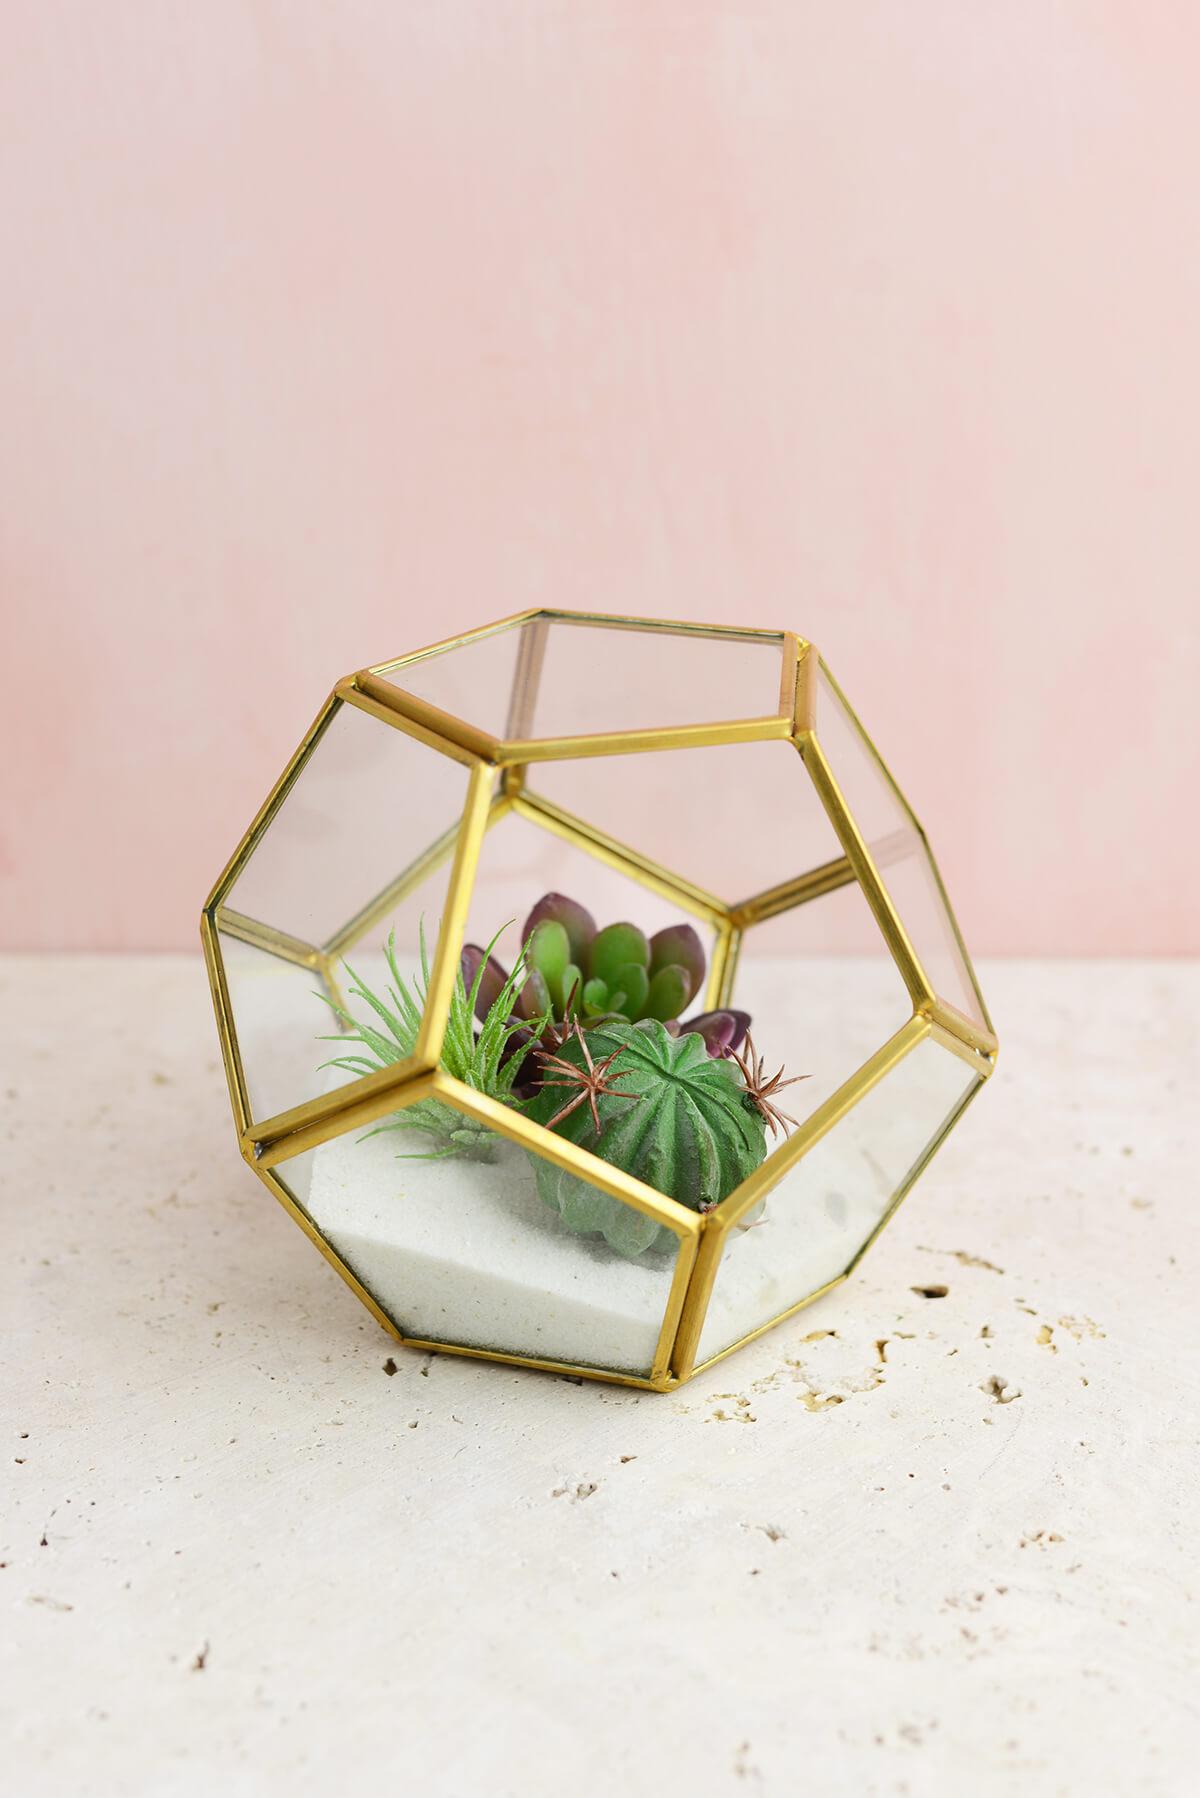 Hira Glass Terrarium Display Box 5 5 Quot X 5 5 Quot